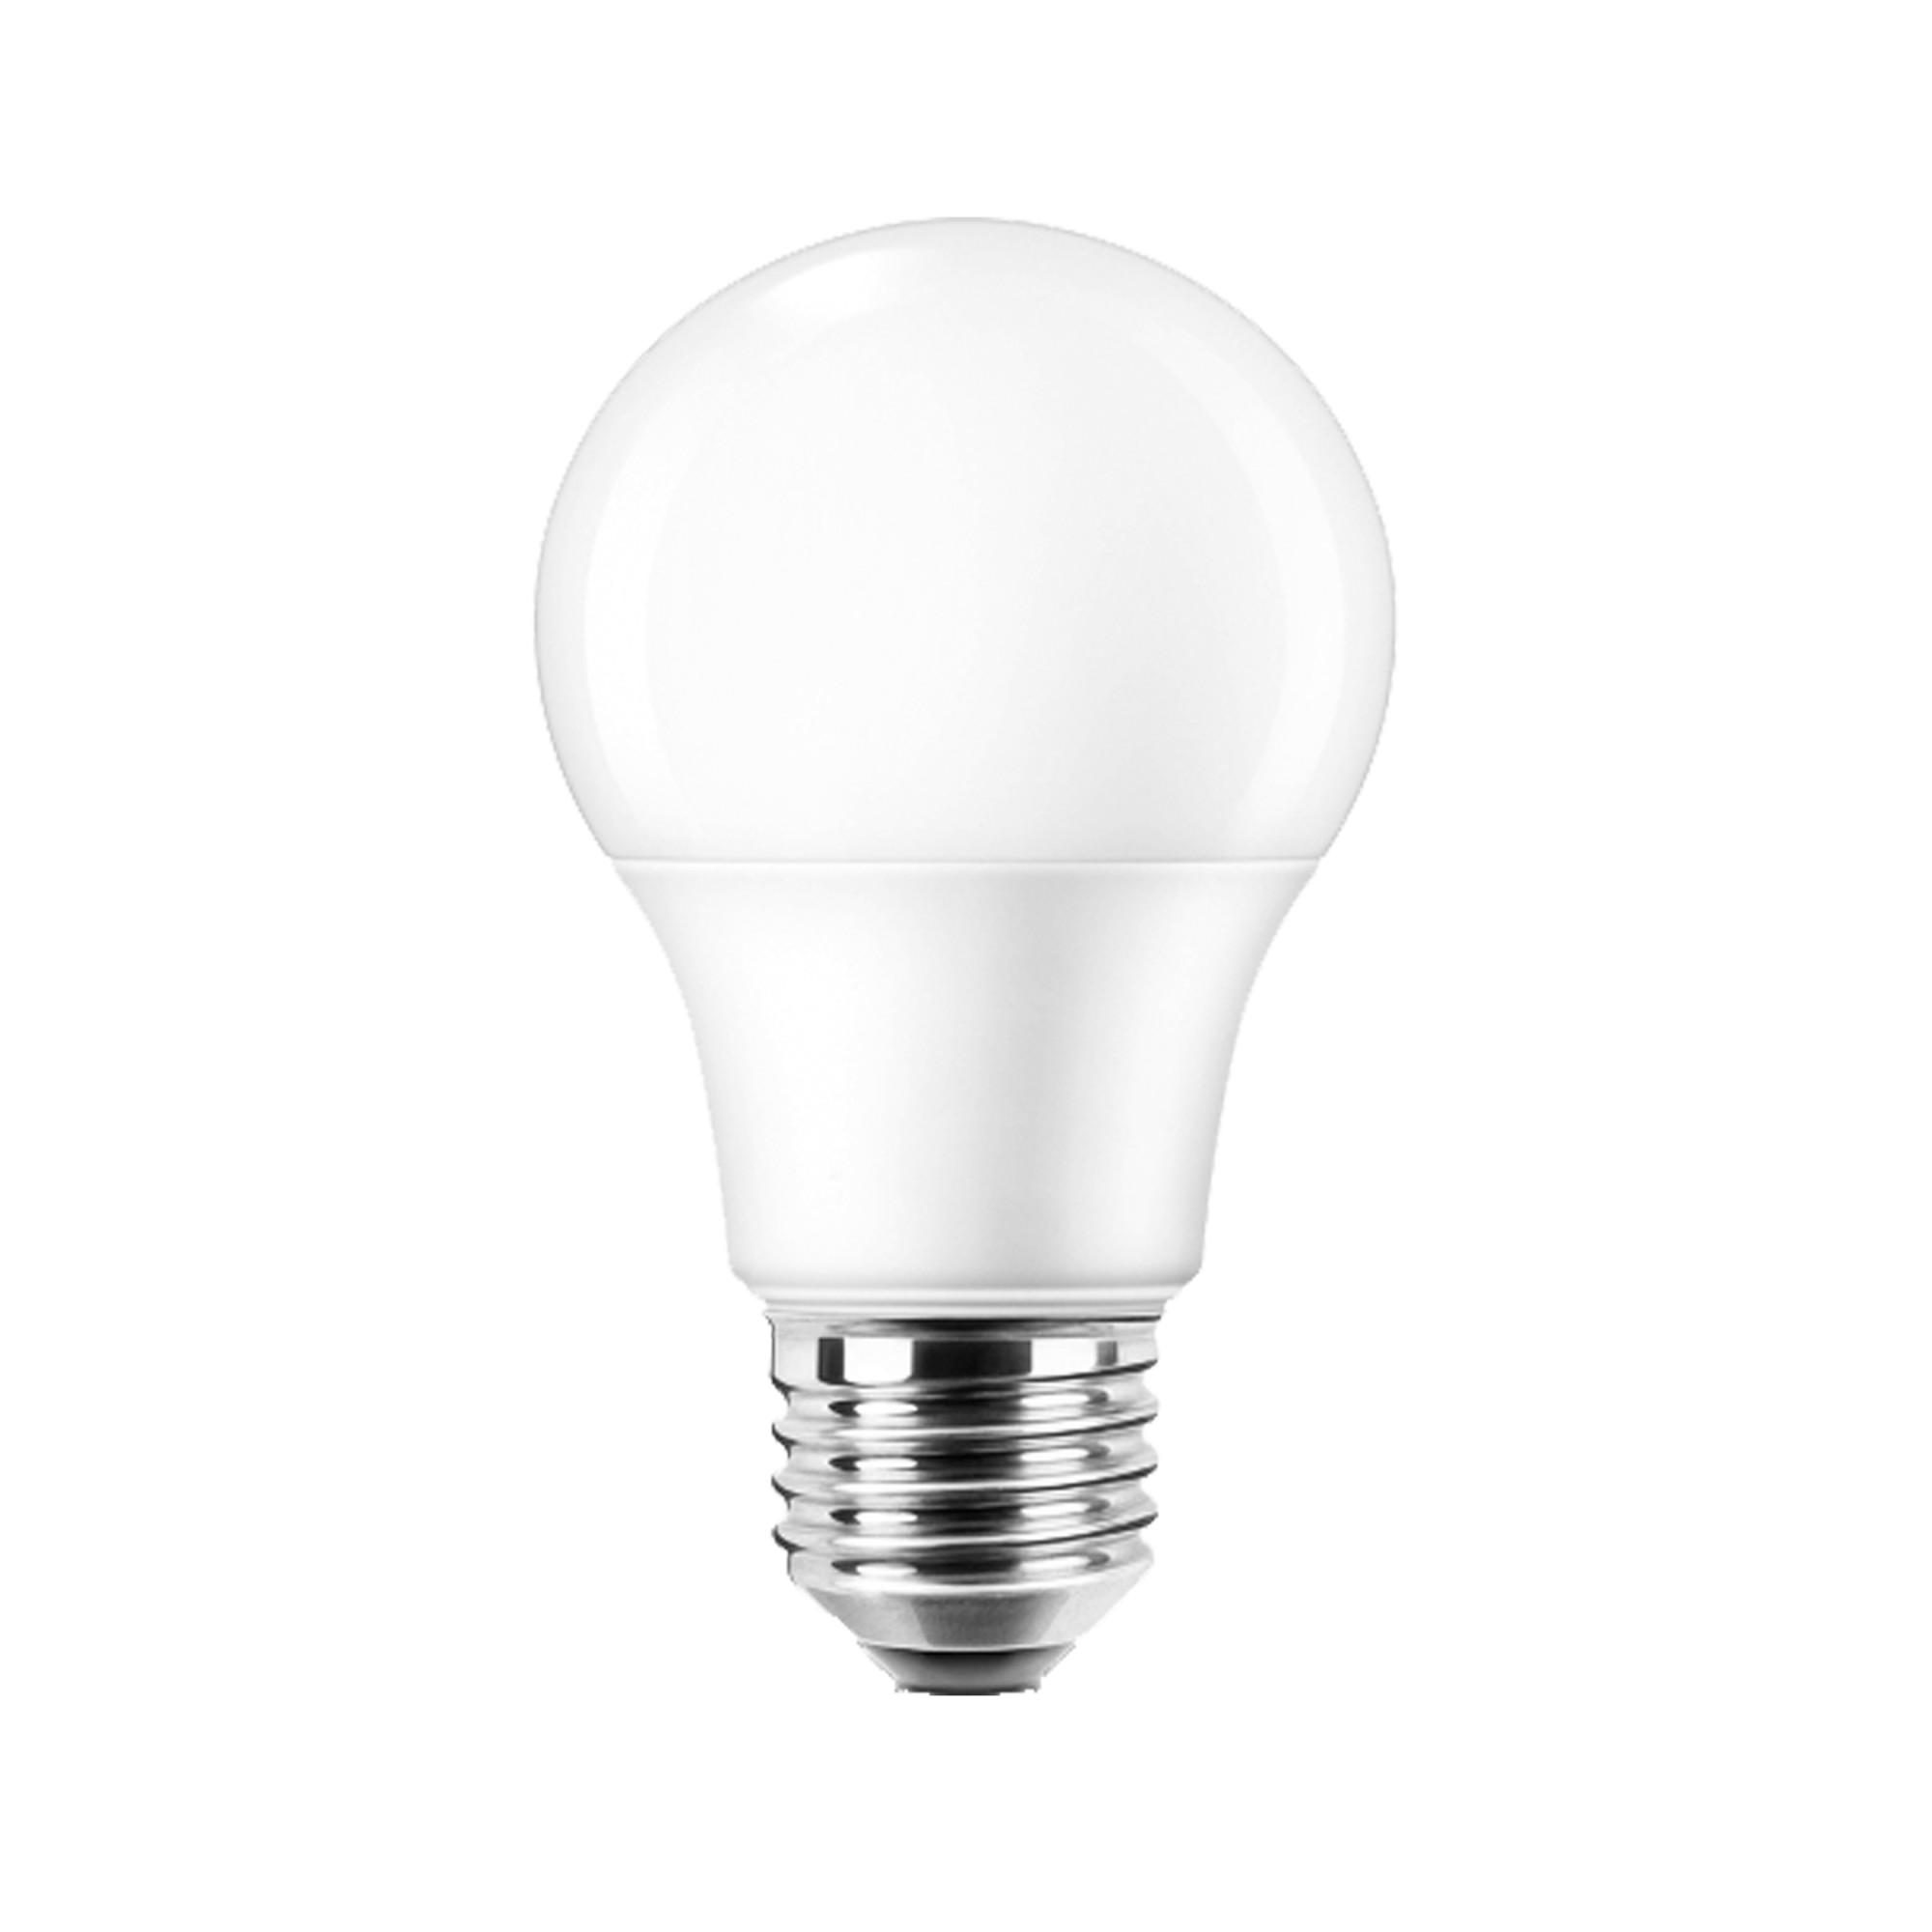 Лампа светодиодная Lexman E27 220 В 8.5 Вт груша матовая 806 лм белый свет